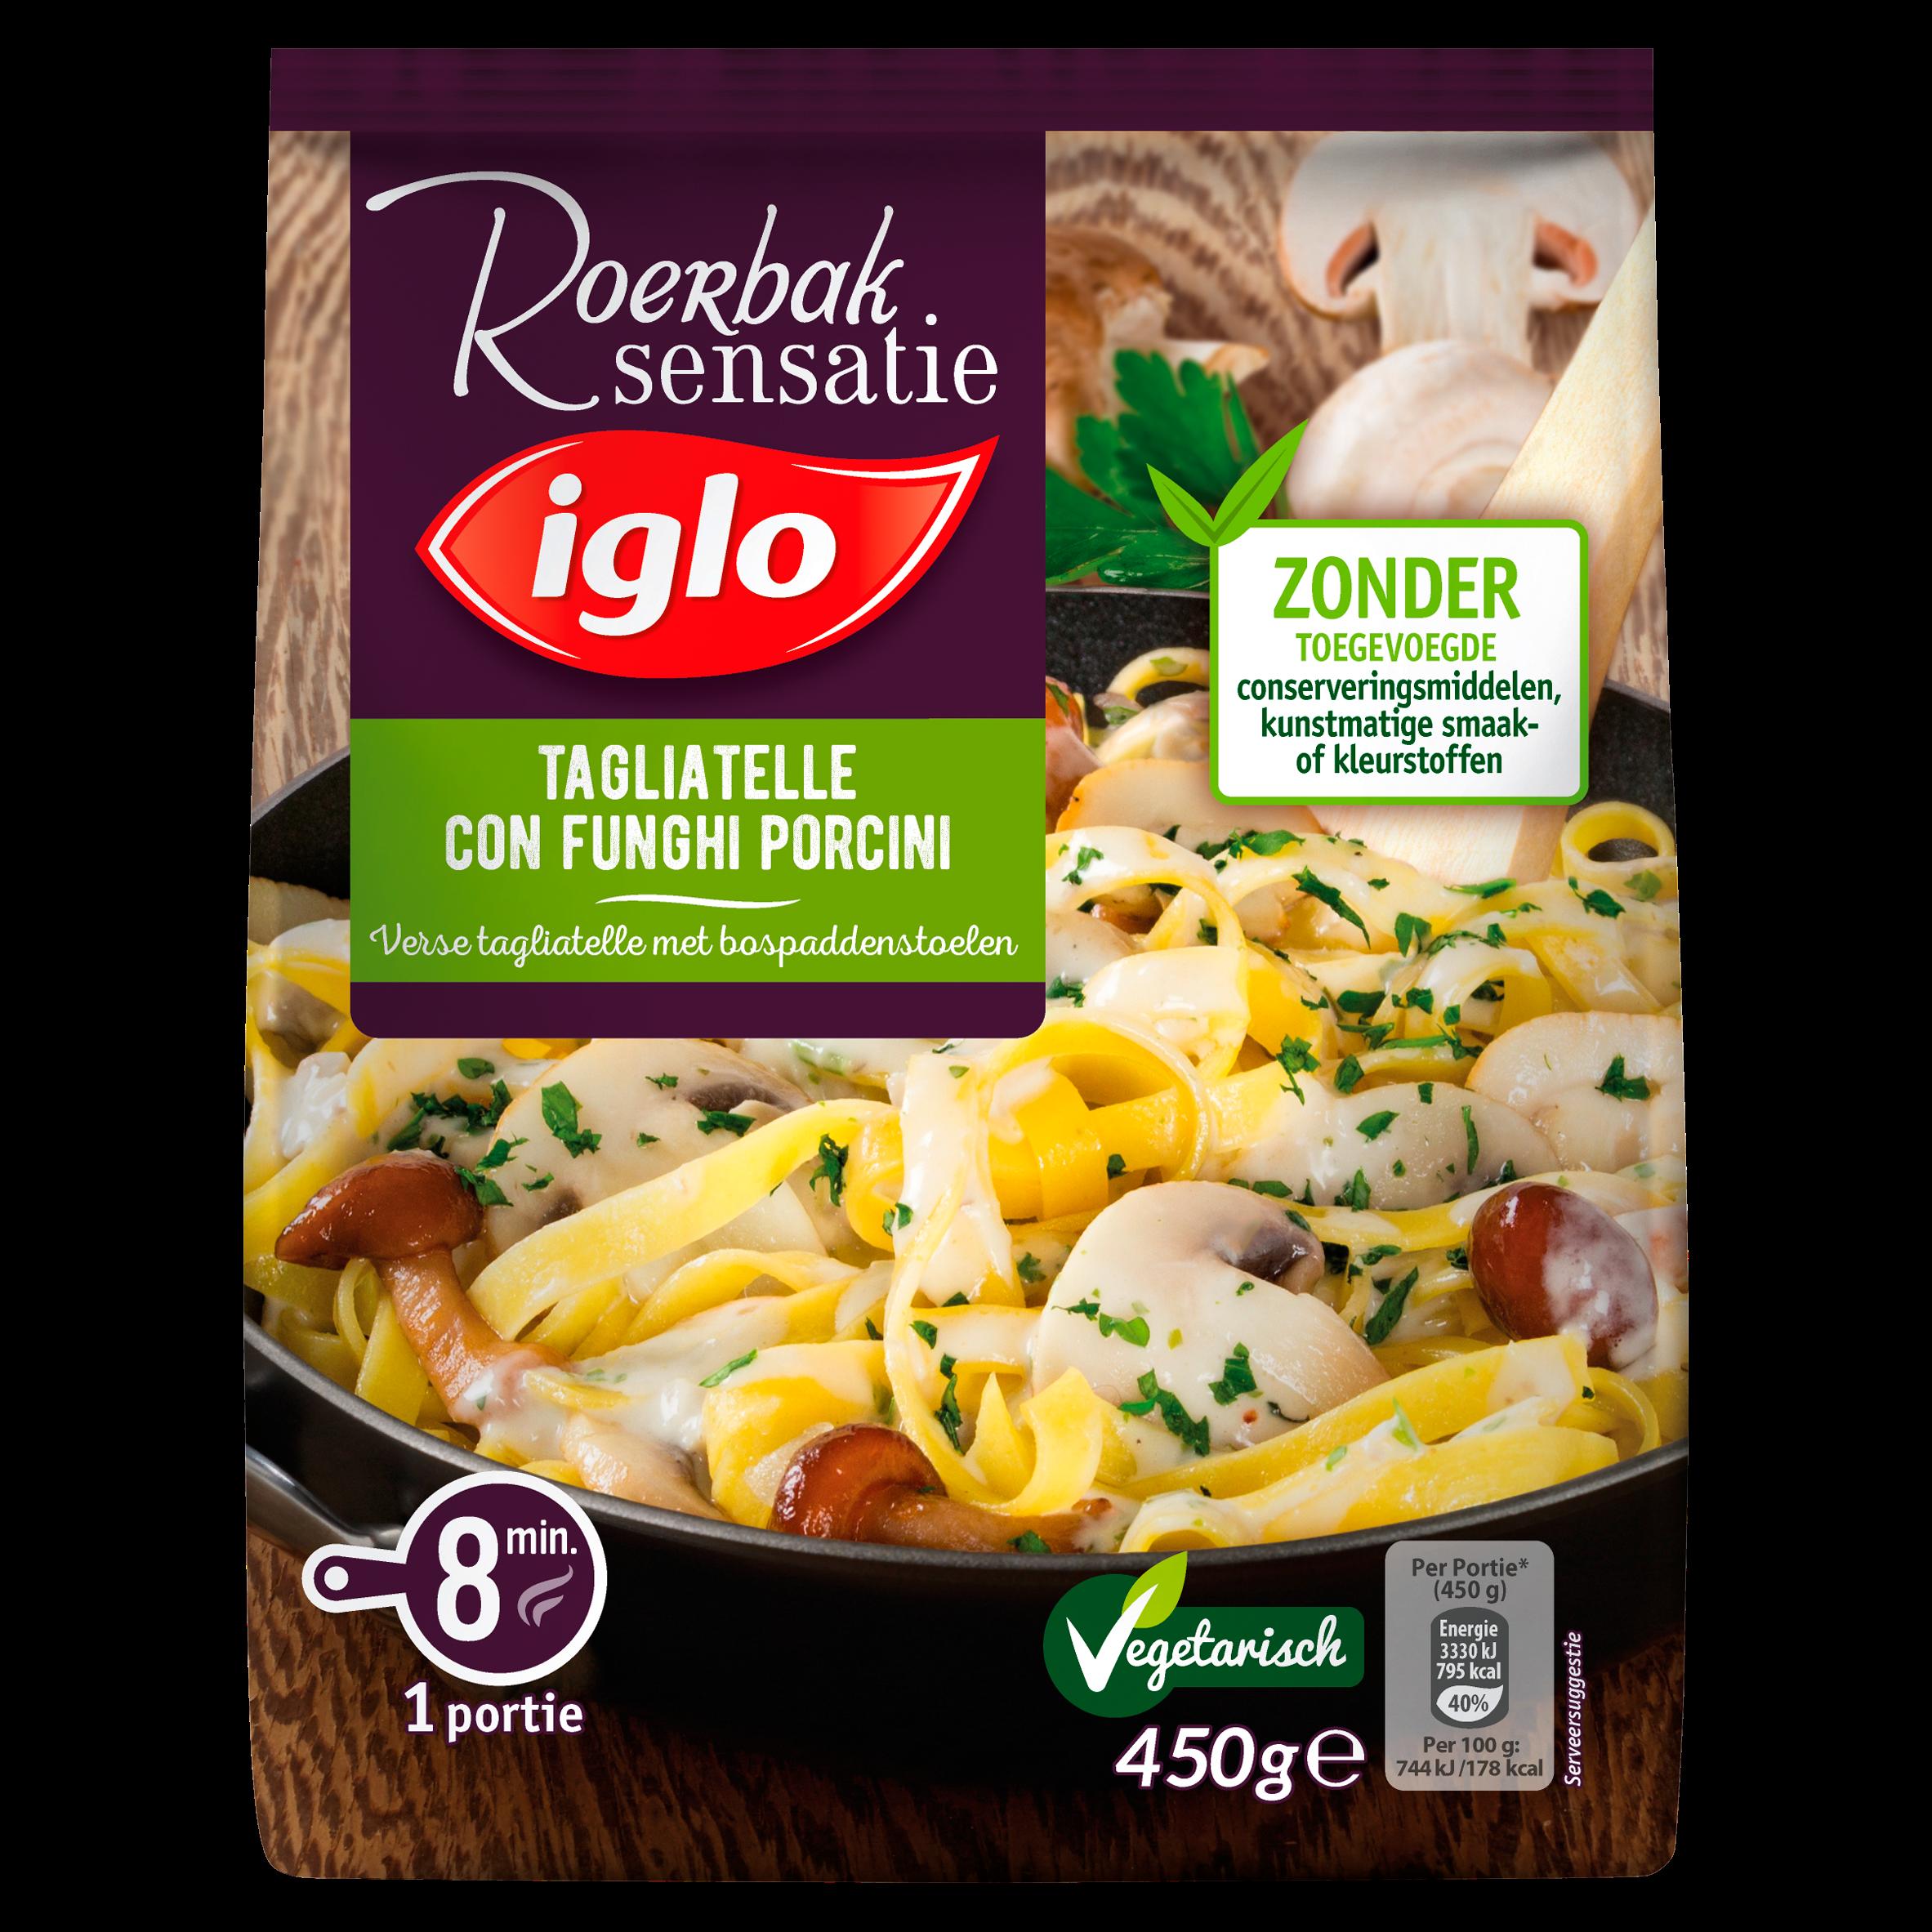 Iglo Roerbak Sensatie Tagliatelle con Funghi Porcini 450 g